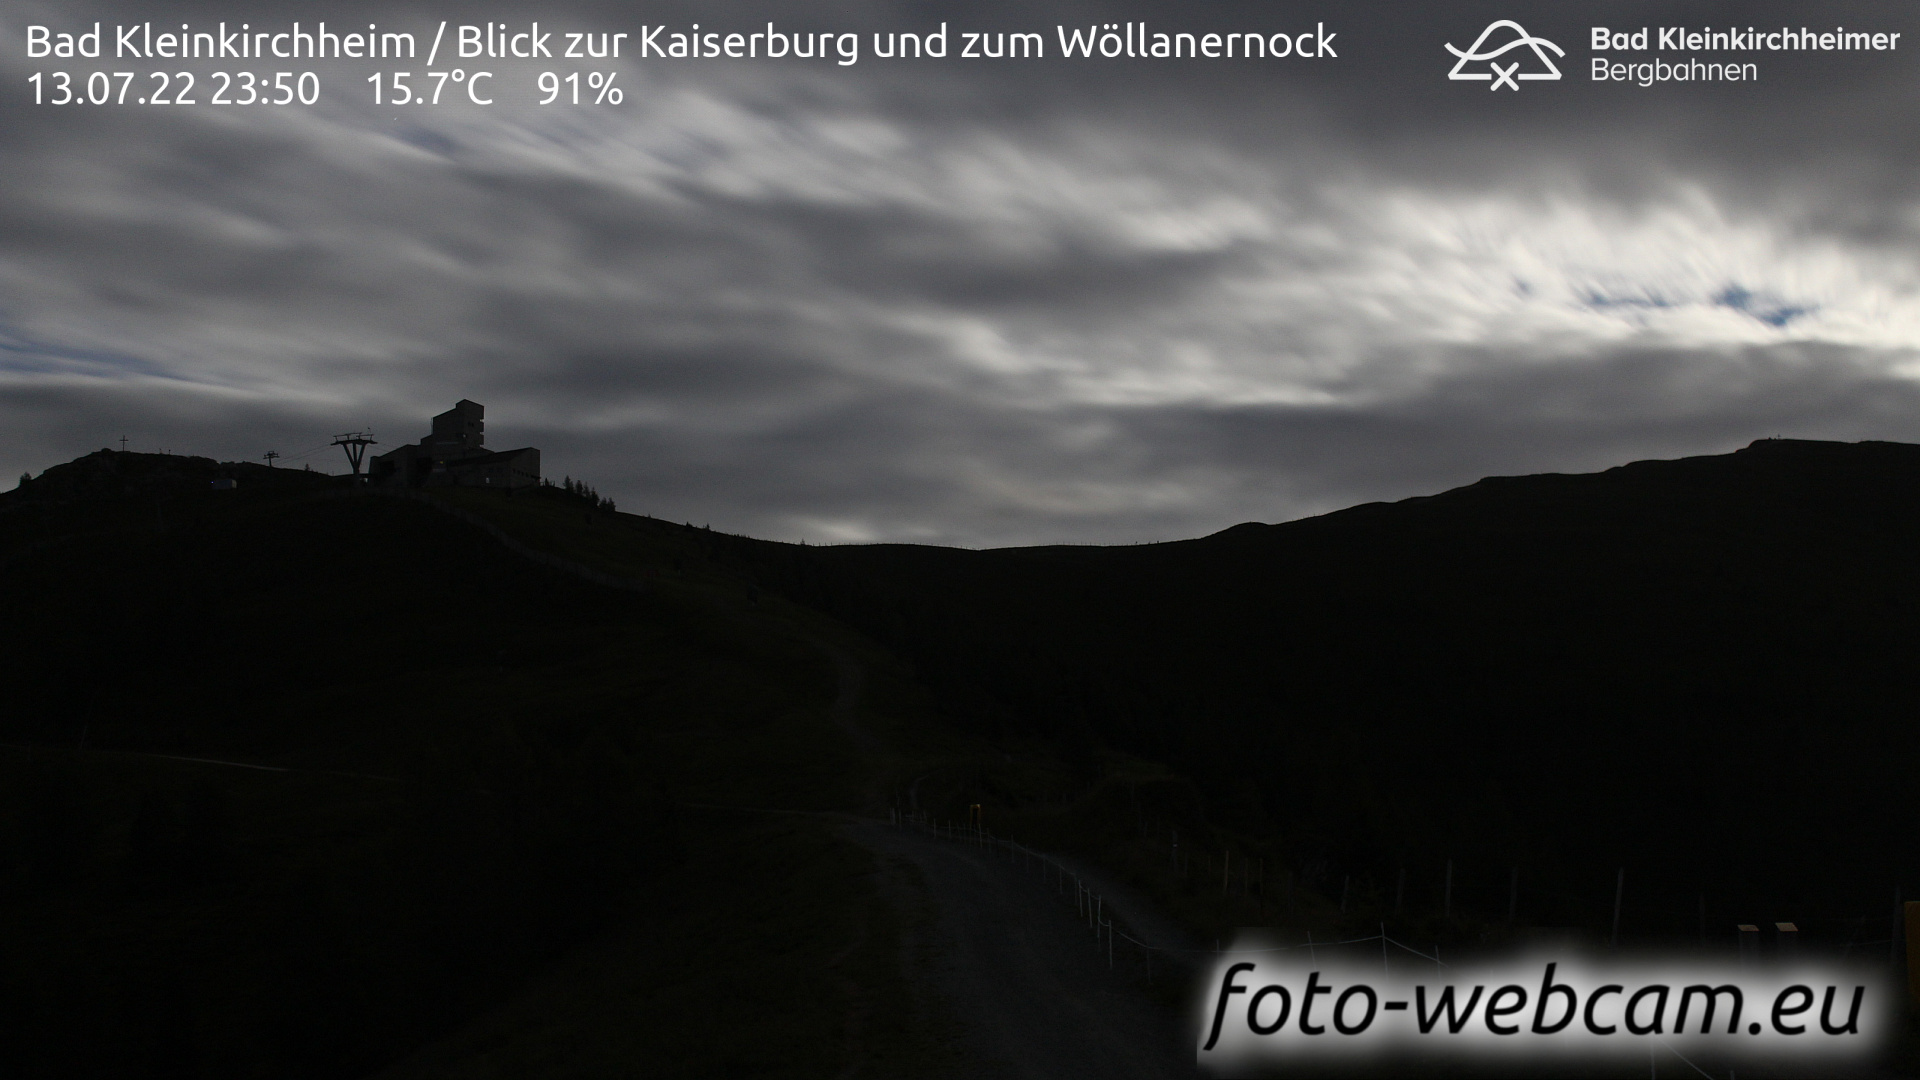 Bad Kleinkirchheim Wed. 23:23